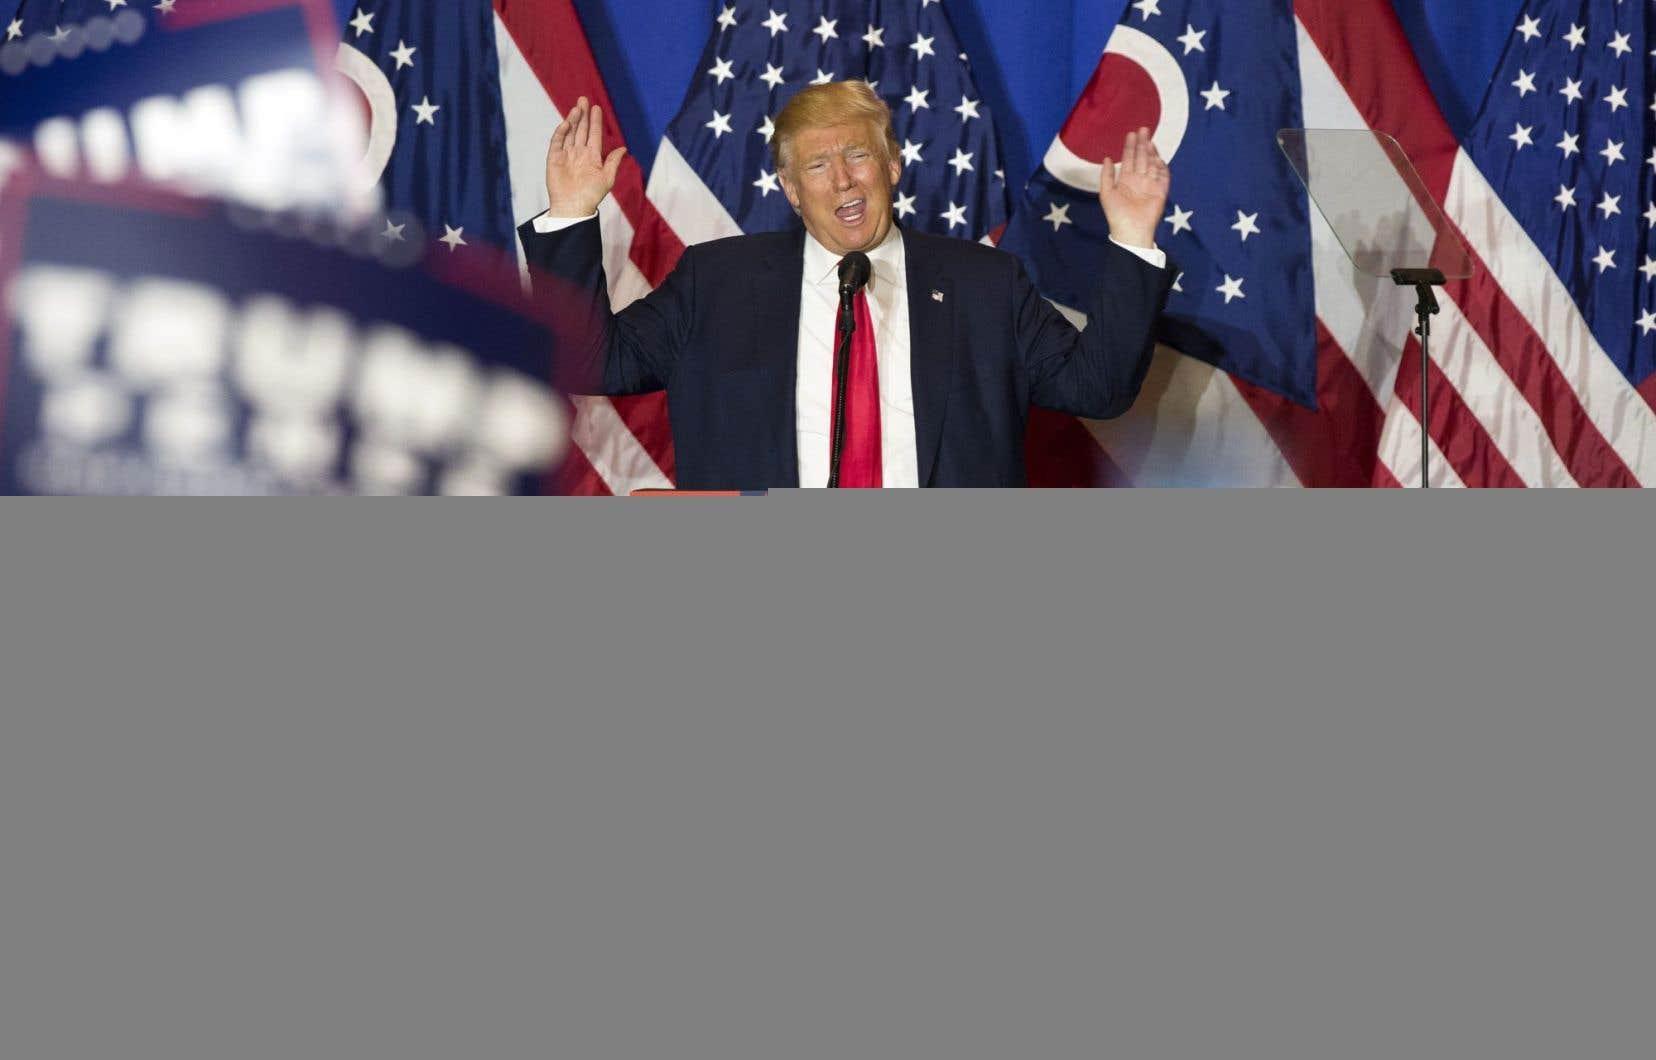 À moins d'un mois du scrutin présidentiel, Donald Trump fait face à quatre nouvelles allégations de gestes à caractère sexuel envers des femmes.